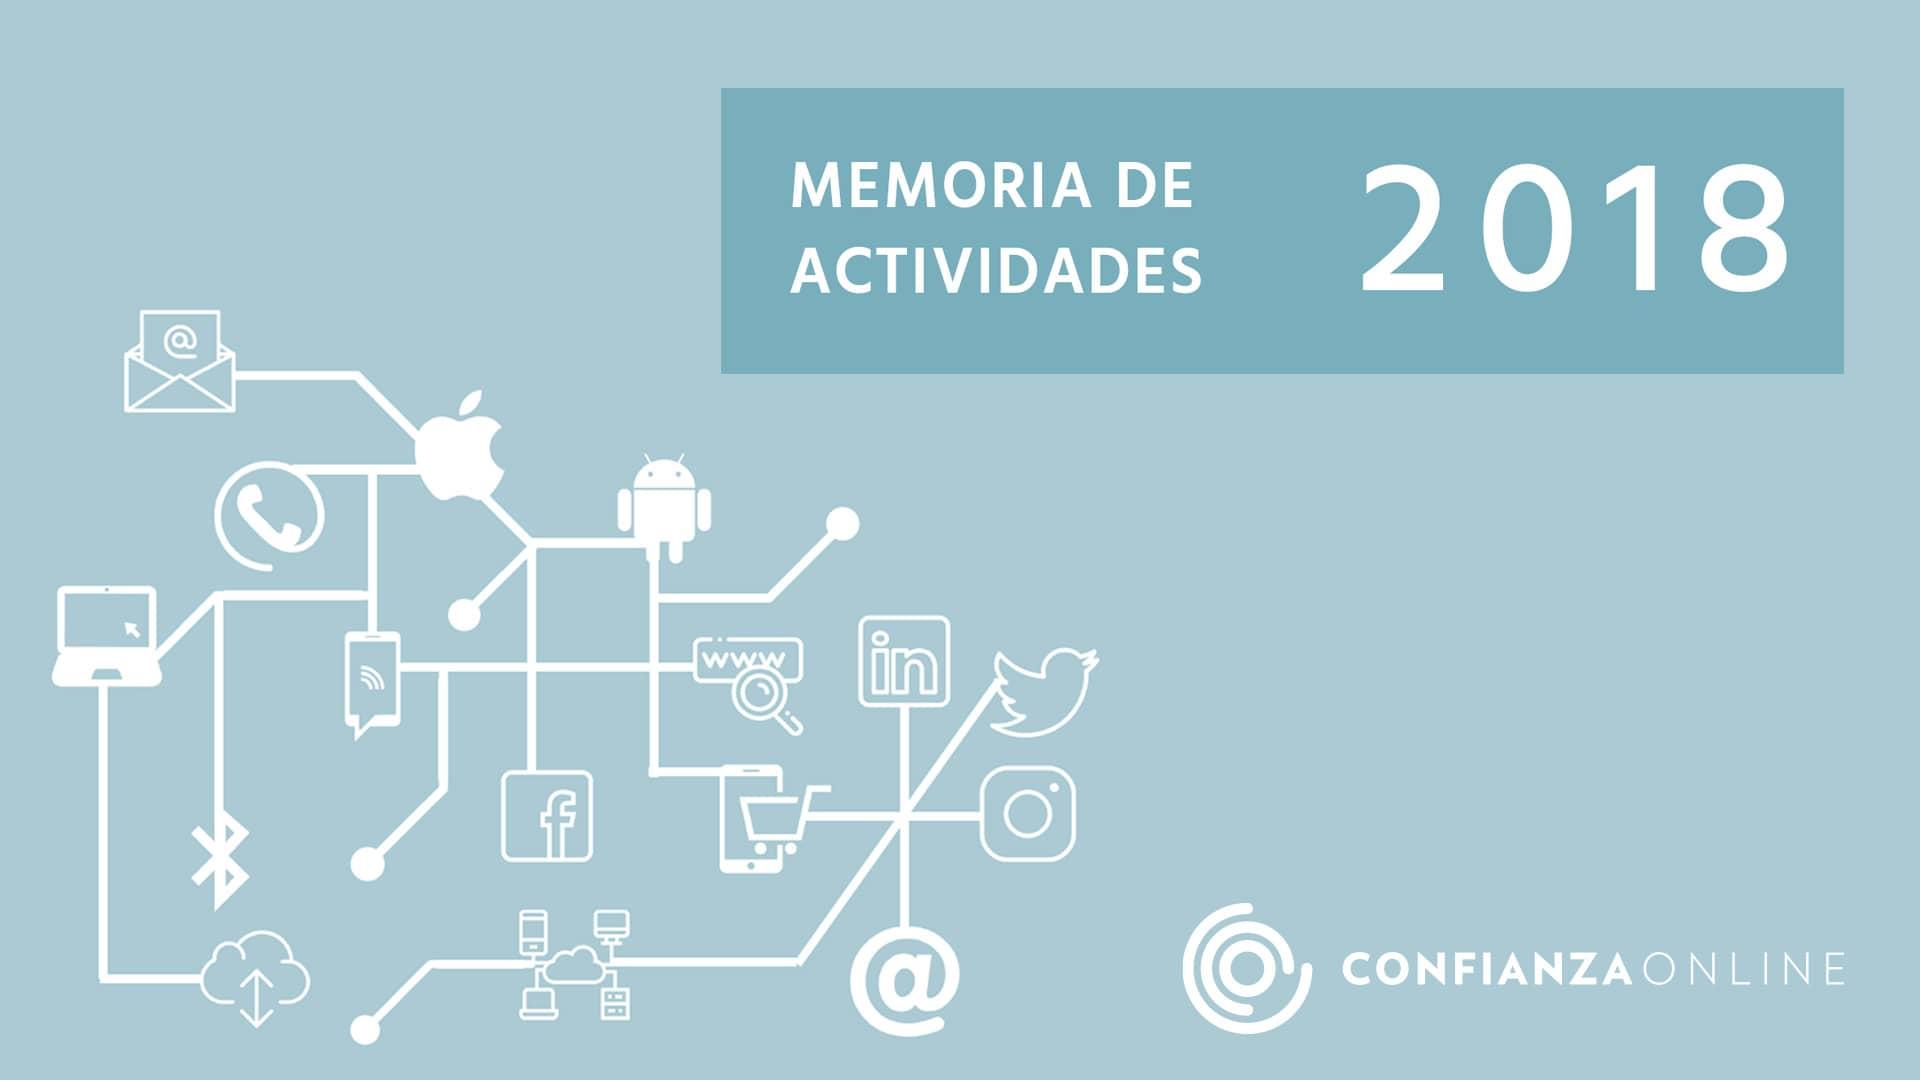 Memoria Confianza Online 2018